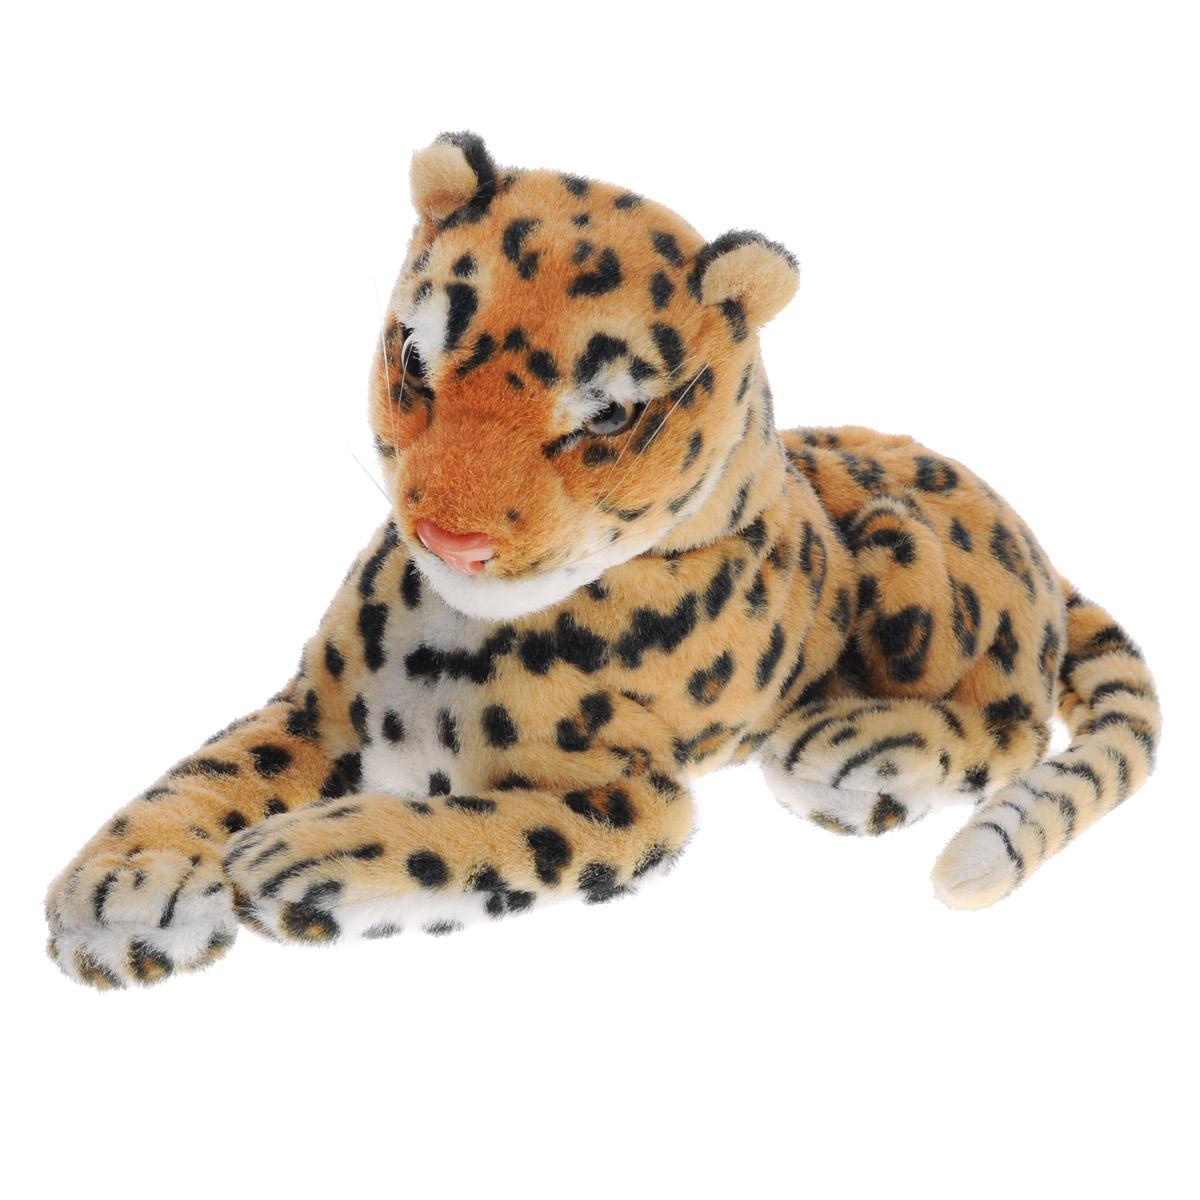 Magic Bear Toys Мягкая игрушка Леопард, 30 см. BW32BRBW32BRОчаровательная игрушка Magic Bear Toys Леопард выполнена в виде красивого леопарда. Игрушка изготовлена из нетоксичных экологически чистых материалов. Глазки, носик и усики выполнены из пластика. Зверек обладает мягкой пятнистой шерсткой, выполненной из искусственного меха. Для набивки используется силиконизированное волокно. Удивительно мягкая игрушка принесет радость и подарит своему обладателю мгновения нежных объятий и приятных воспоминаний. Великолепное качество исполнения делают эту игрушку чудесным подарком к любому празднику. Трогательная и симпатичная, она непременно вызовет улыбку у детей и взрослых.